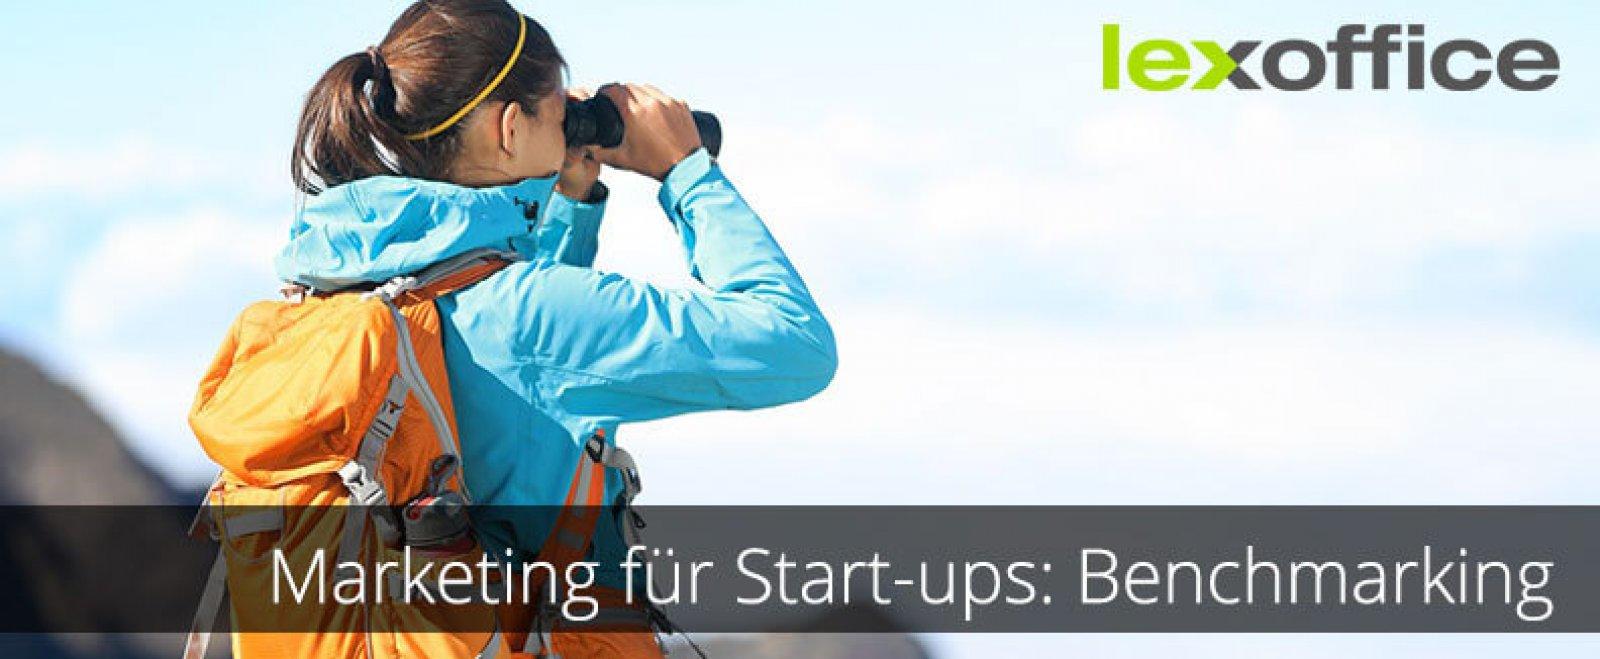 Benchmarking für Start-ups ist eine Herausforderung, denn es ist gar nicht so einfach, die Leistungen der Mit-Wettbewerber zu vergleichen